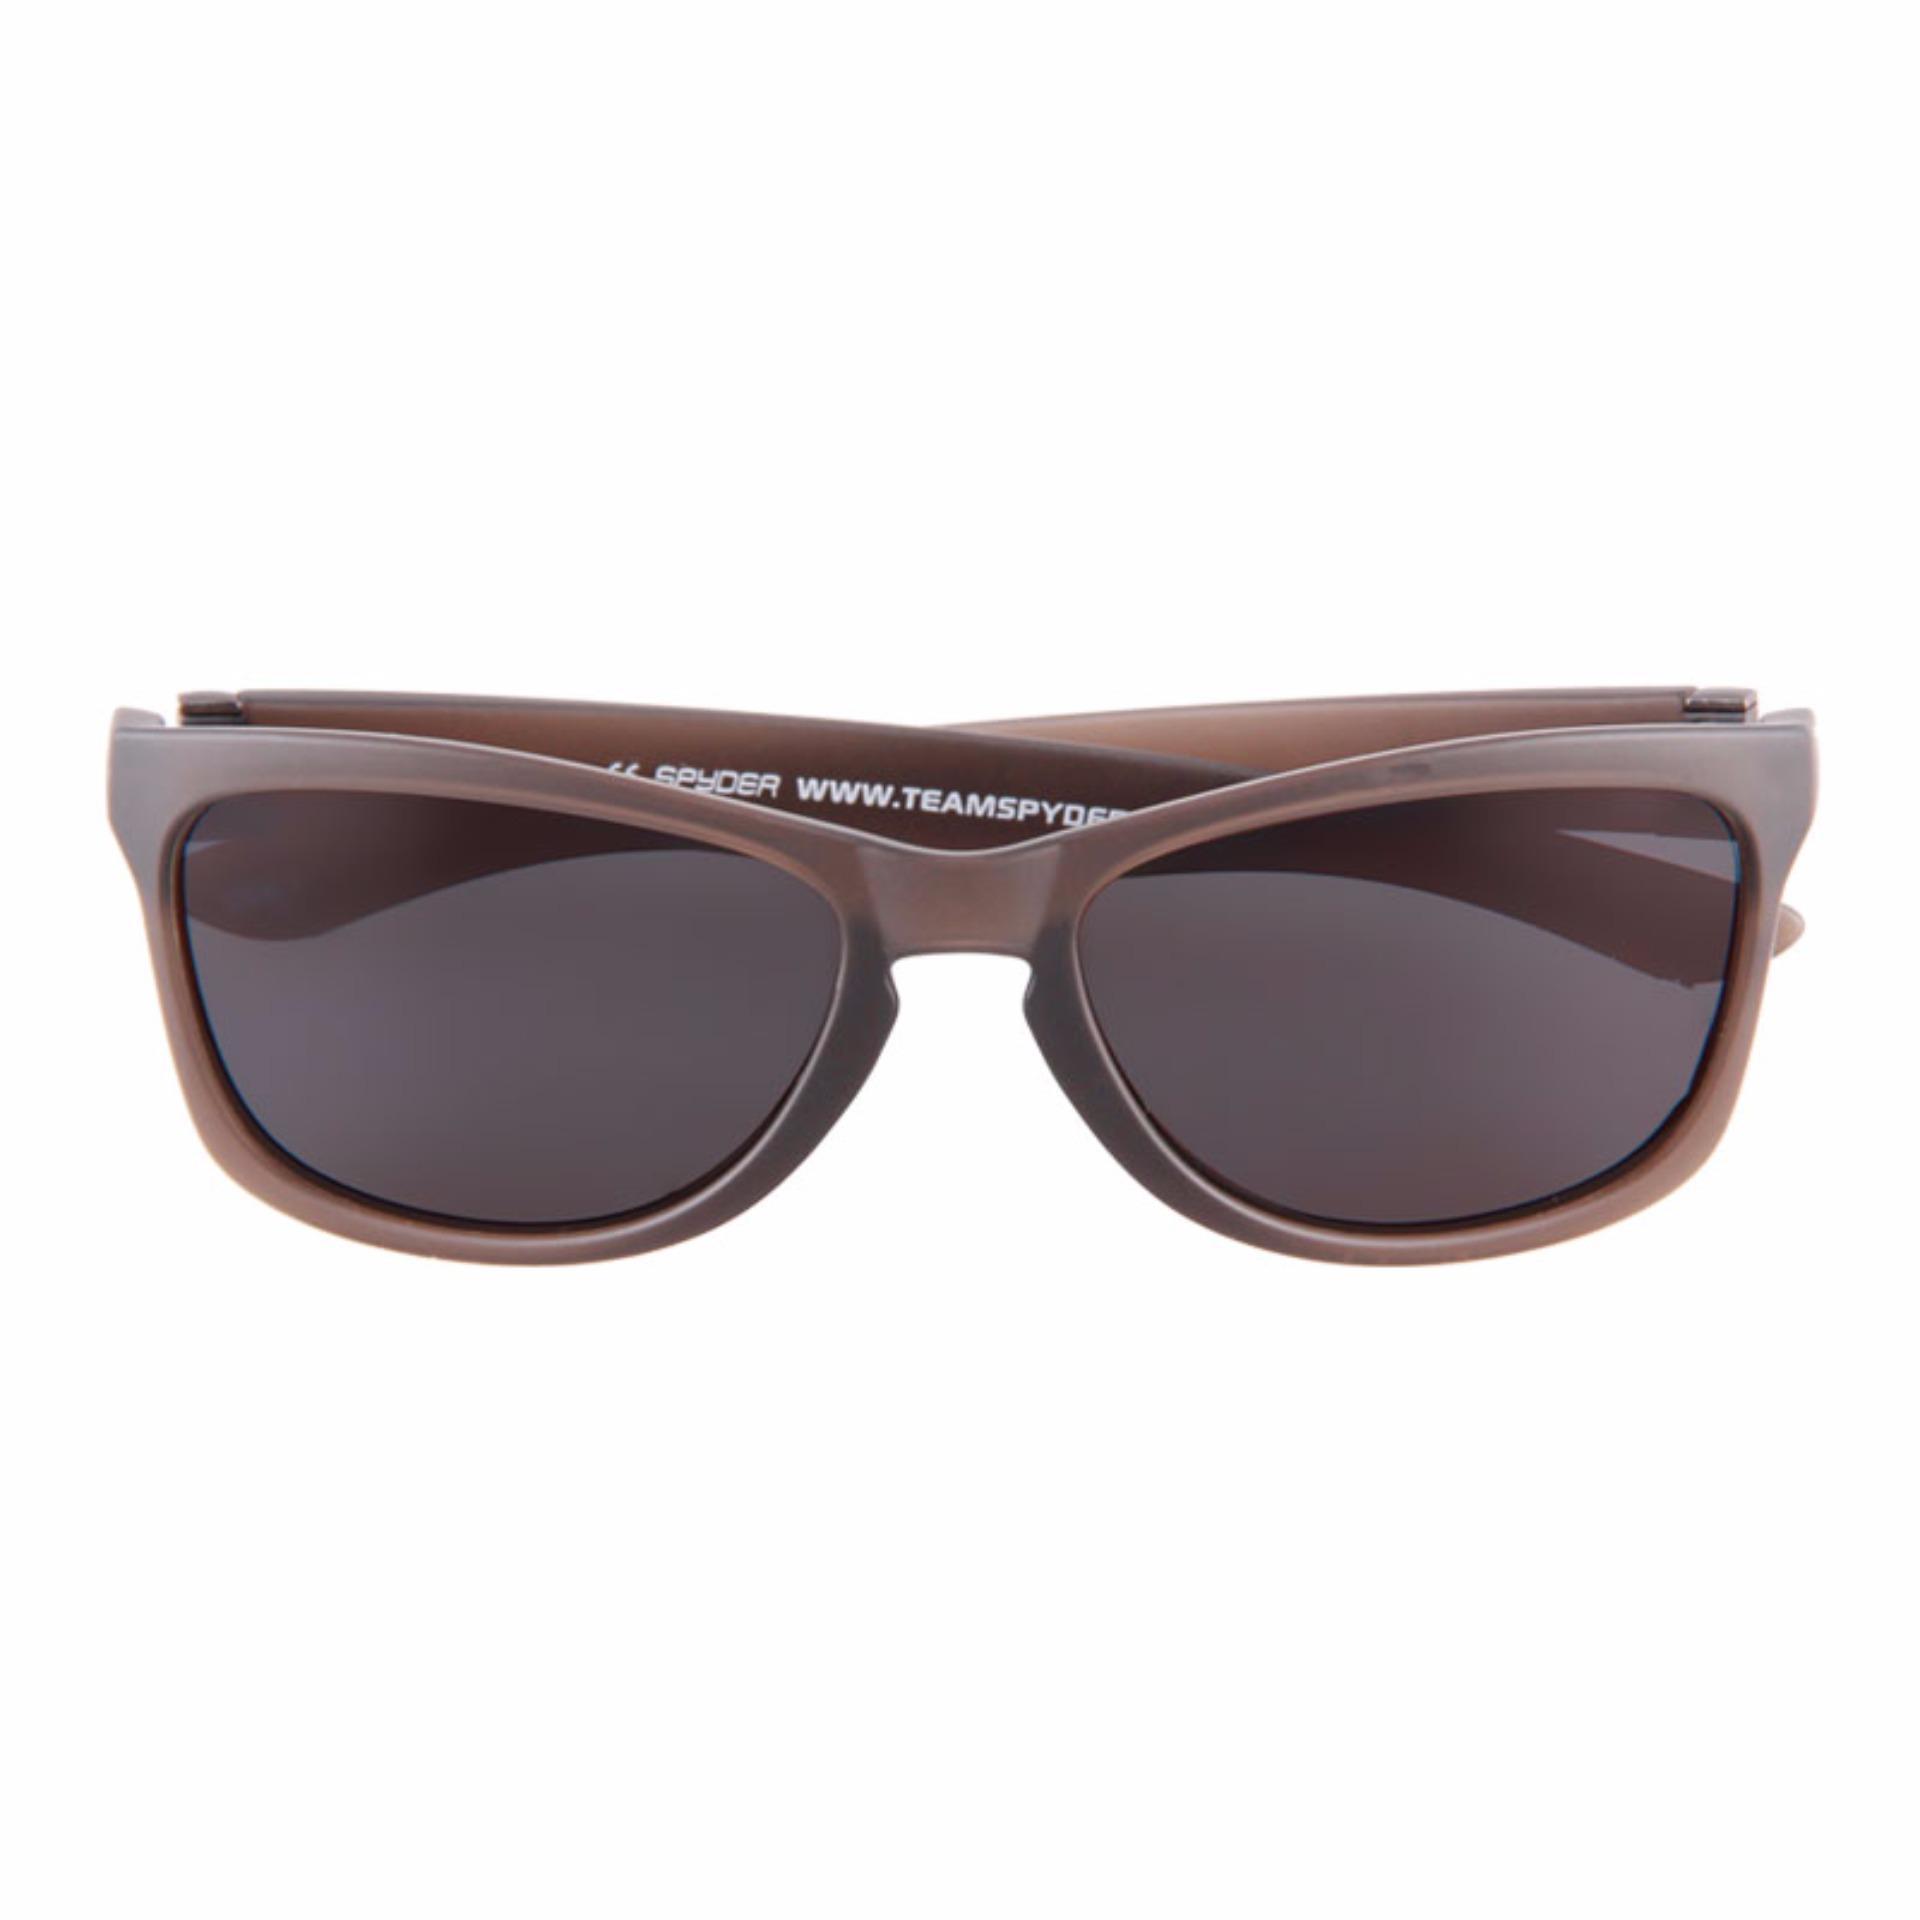 3f85100c68a Spyder Lifestyle Eyewear Nixon 2 9S010 PZ (Matte Crystal Brown Frame Smoke  Polarized Lenses